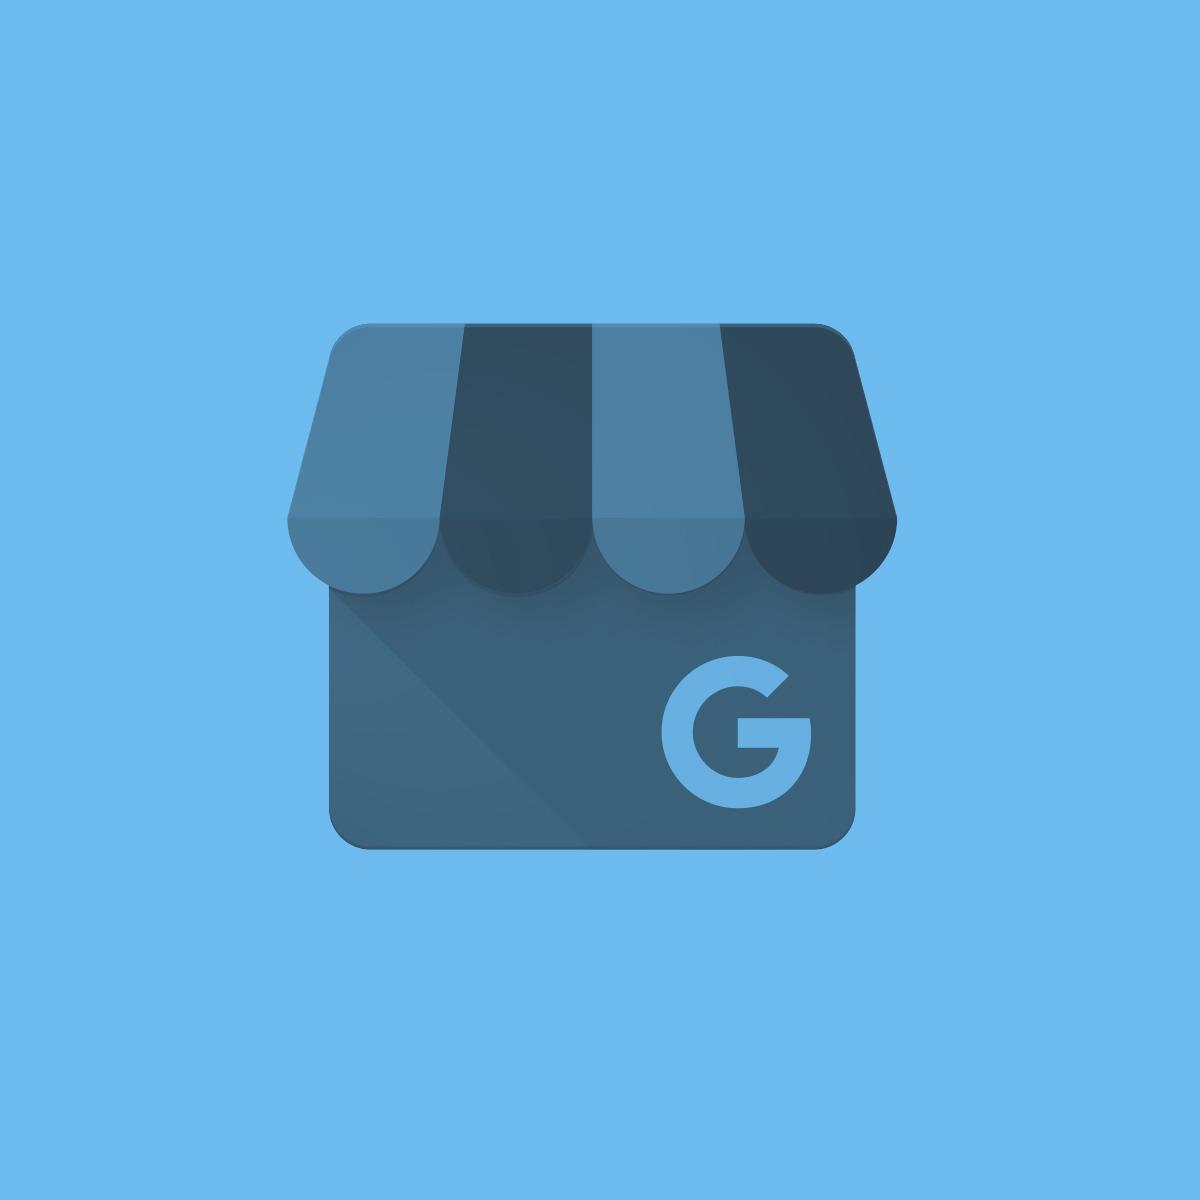 Google Mijn Bedrijf biedt massa's voordelen, vooral lokaal